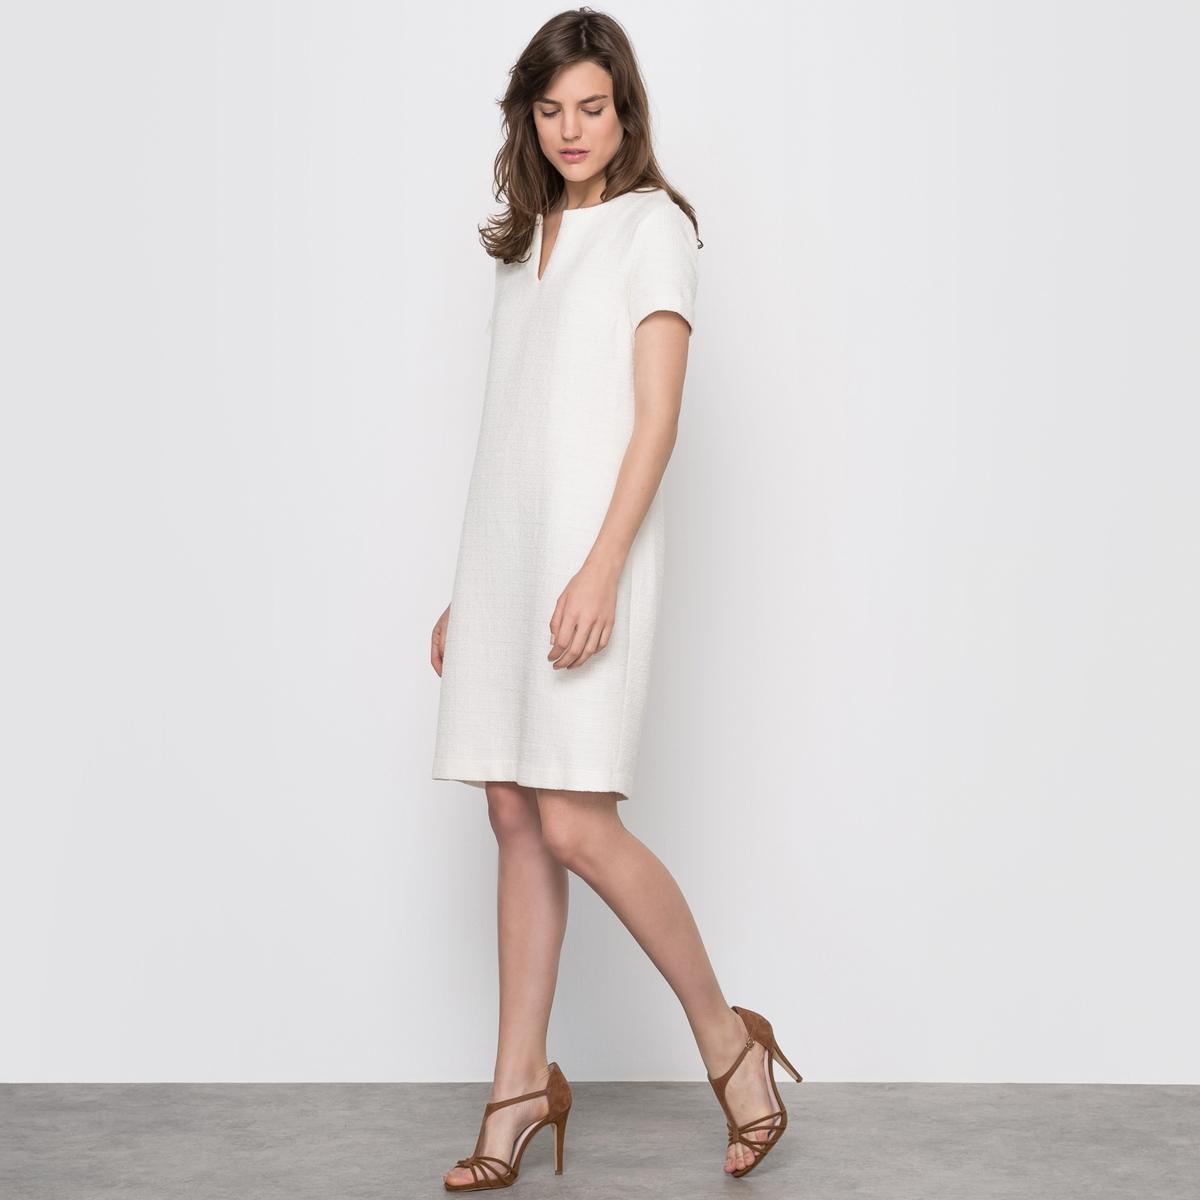 Платье из твидаОднотонное платье из твида. Одновременно шикарная и простая модель прямого покроя. Короткие рукава с отворотами, круглый вырез с V-образной вставкой. Состав и описание :Материал : 99% хлопка, 1% полиэстераДлина : 90 см Уход:Машинная стирка при 30 °С<br><br>Цвет: белый,темно-синий